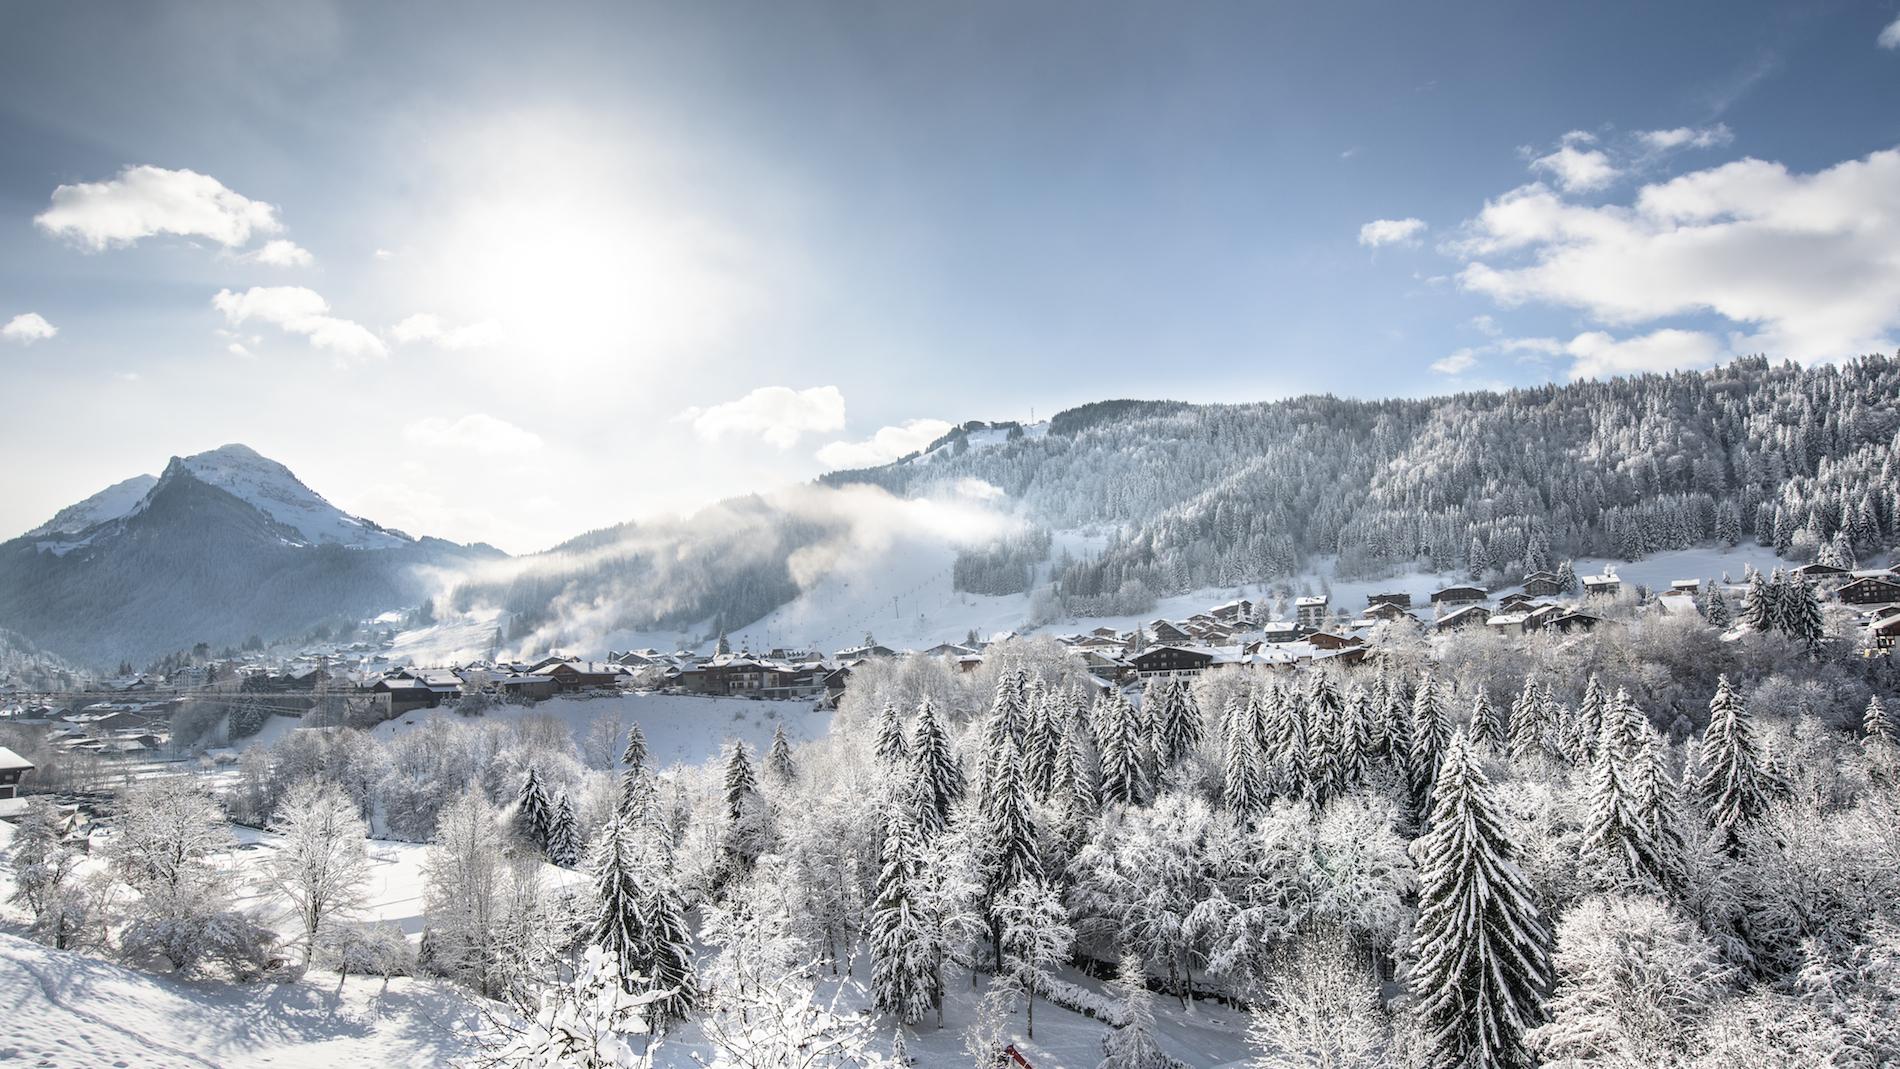 Station de ski de Morzine - Crédit photo : OT Morzine/JBBieuville